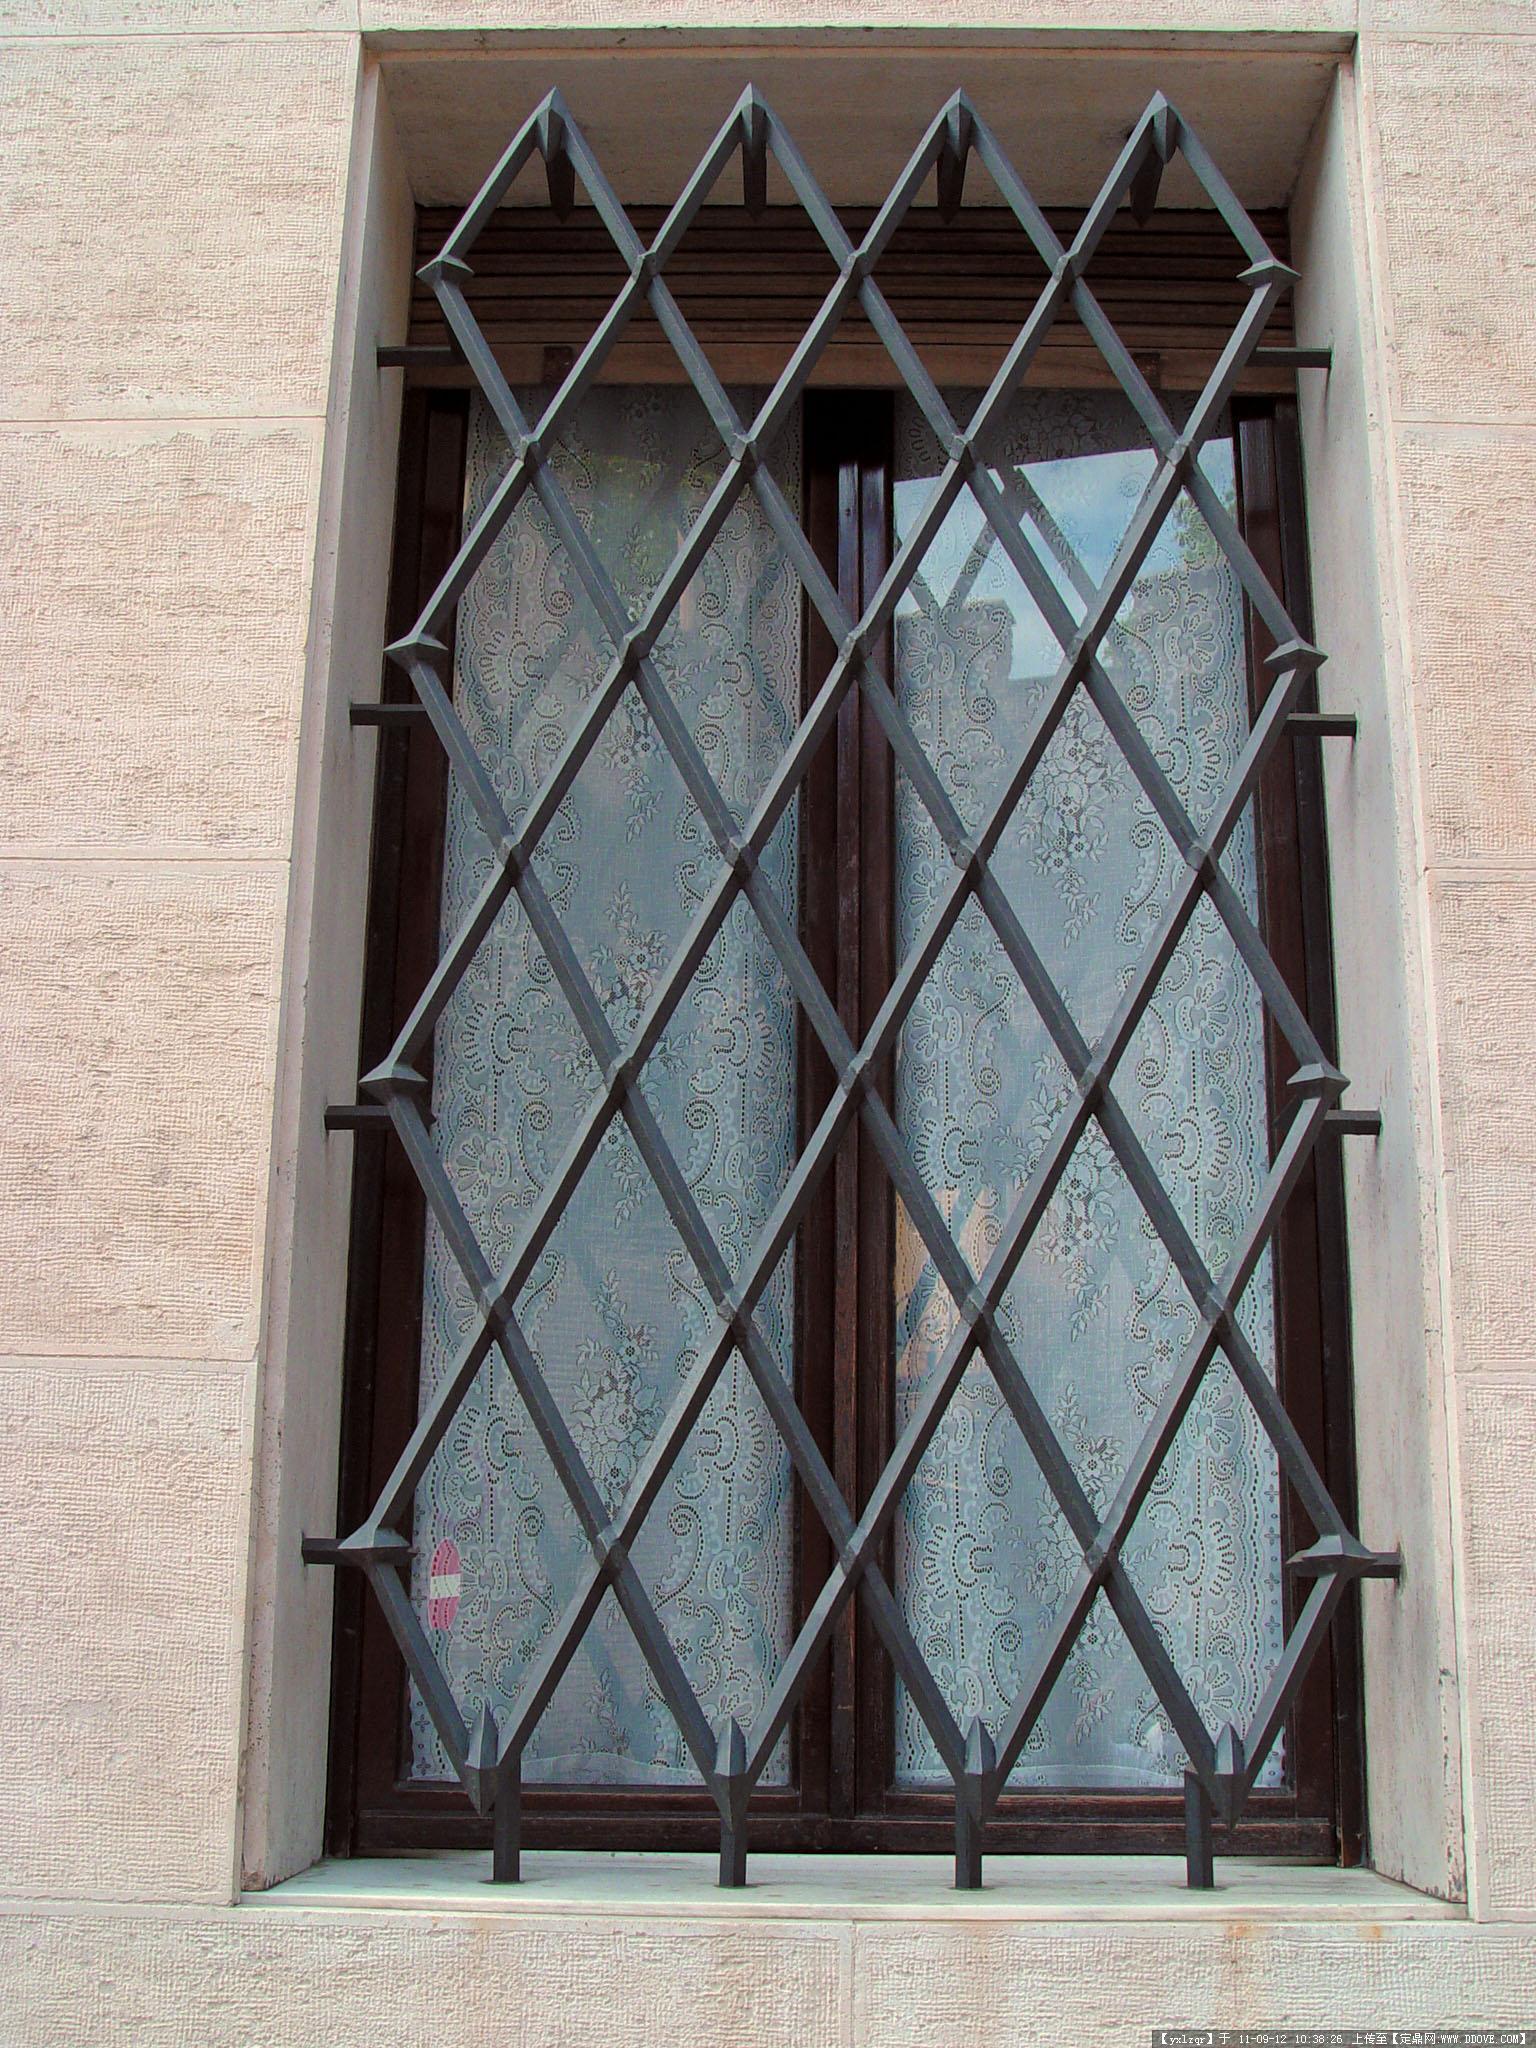 欧洲古典建筑景观 窗的造型